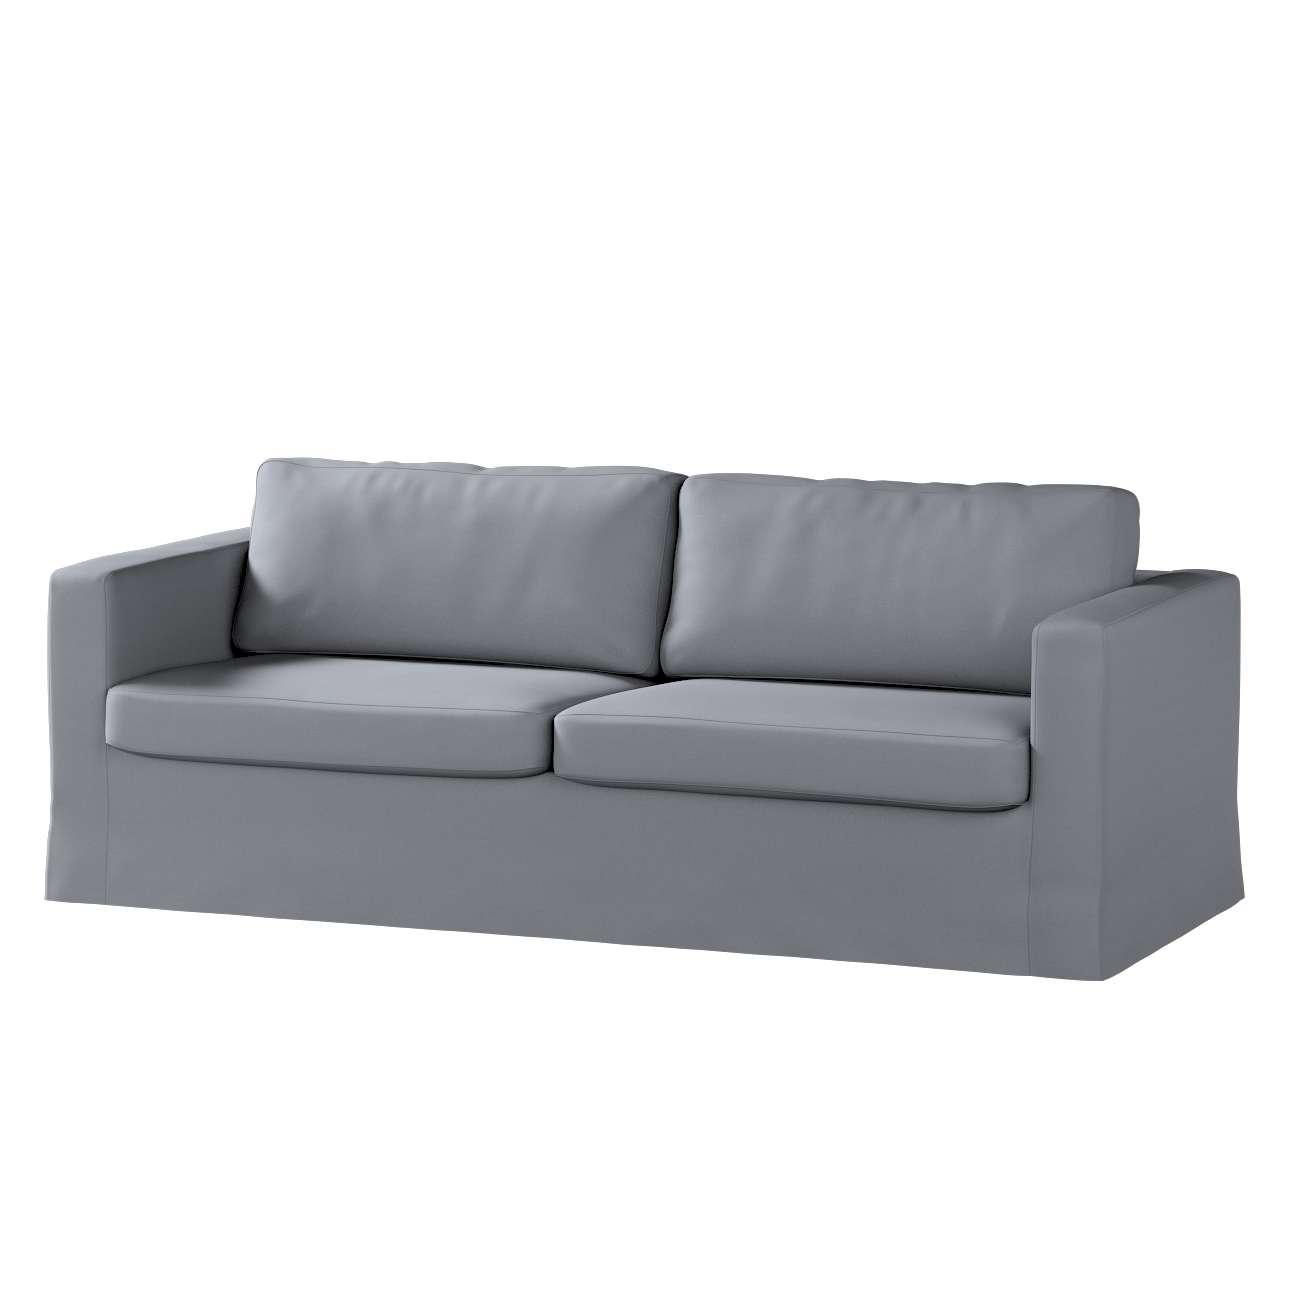 Poťah na sedačku Karlstad (nerozkladá sa, pre 3 osoby, dlhá) Poťah na sedačku Karlstad - pre 3 osoby, nerozkladá sa, dlhá V kolekcii Cotton Panama, tkanina: 702-07